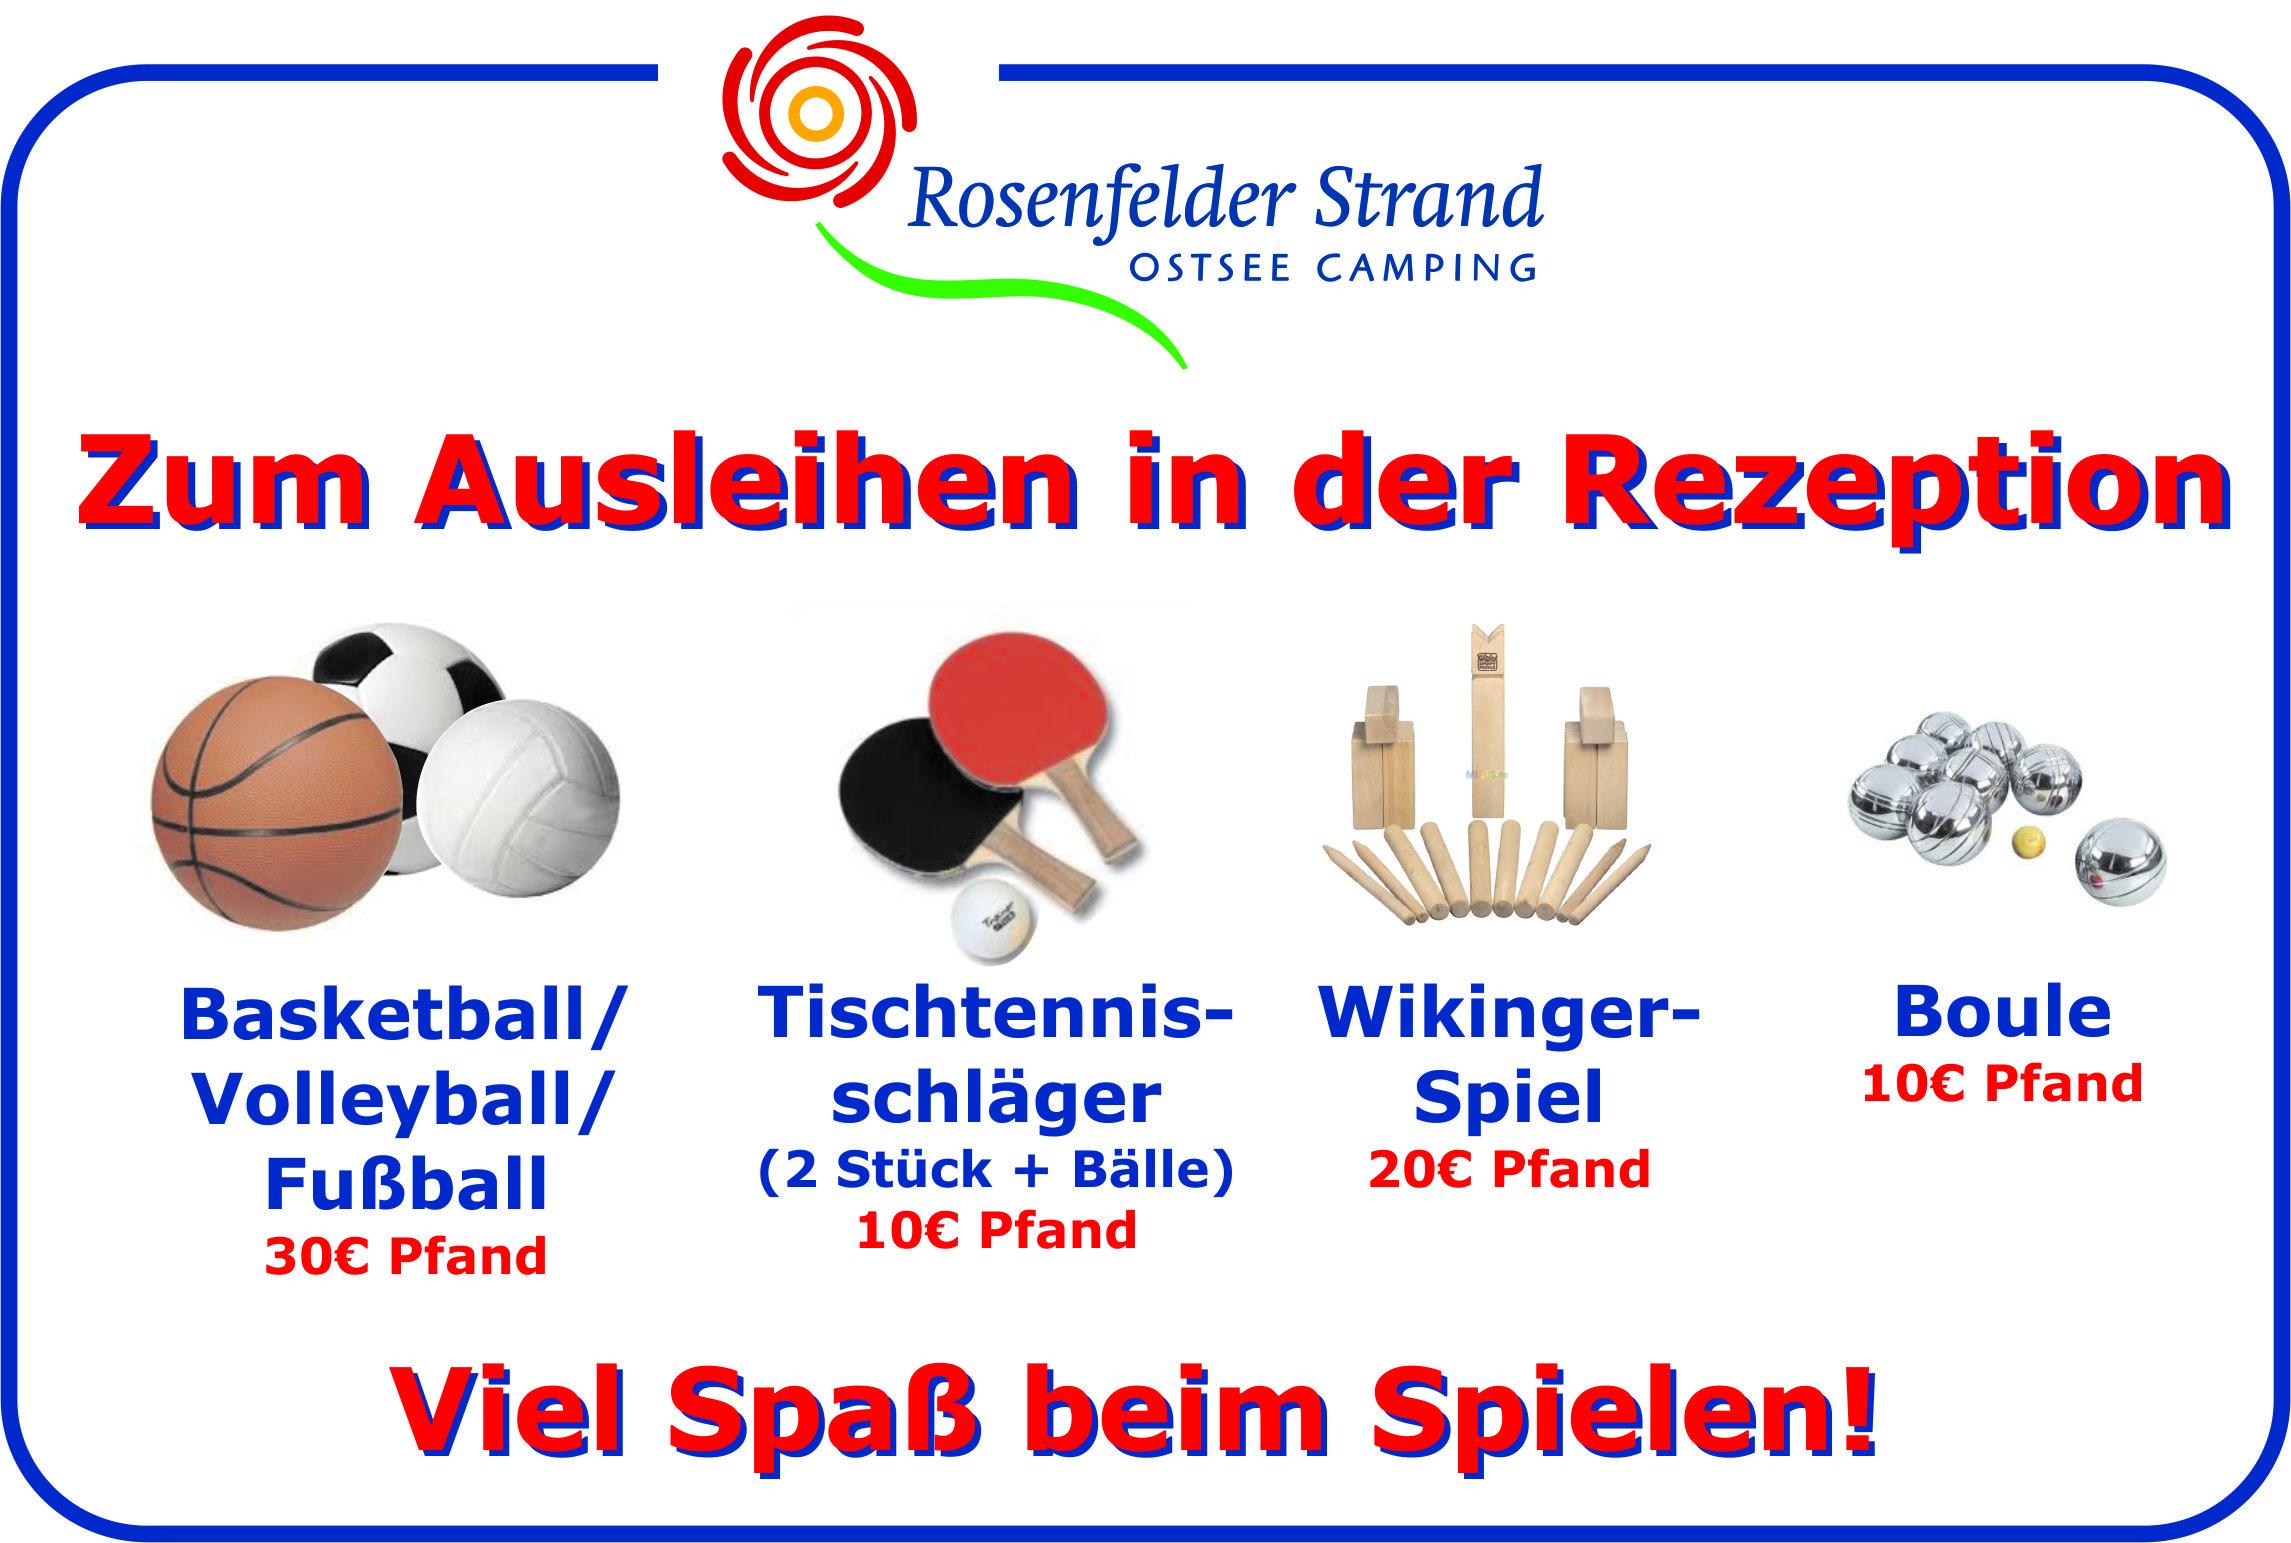 Ongoing events ~ Rosenfelder Strand